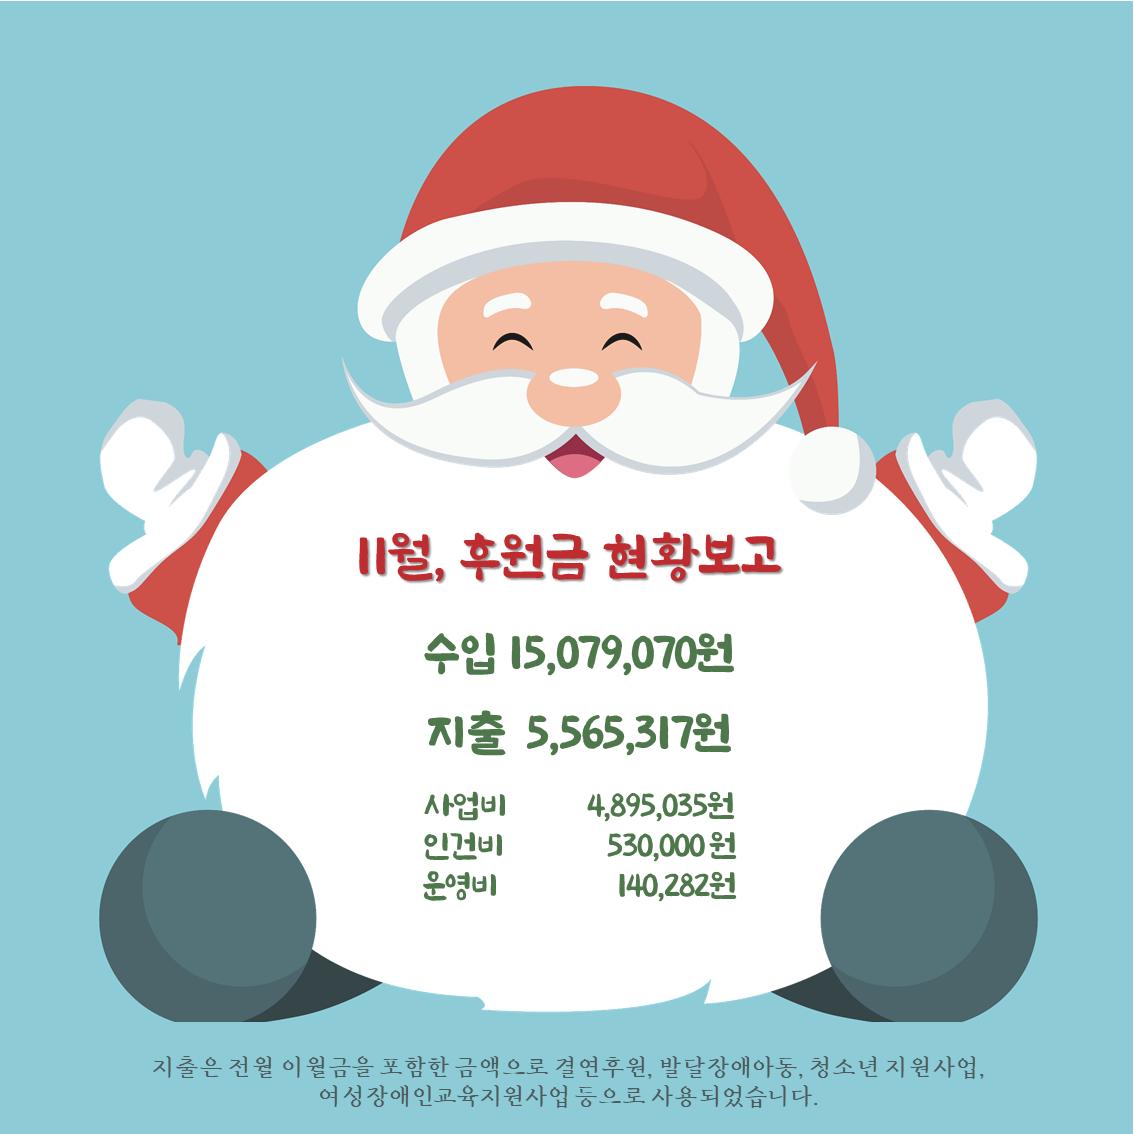 11월 후원금 현황보고 수입 15,079,070원 지출 5,565,317원